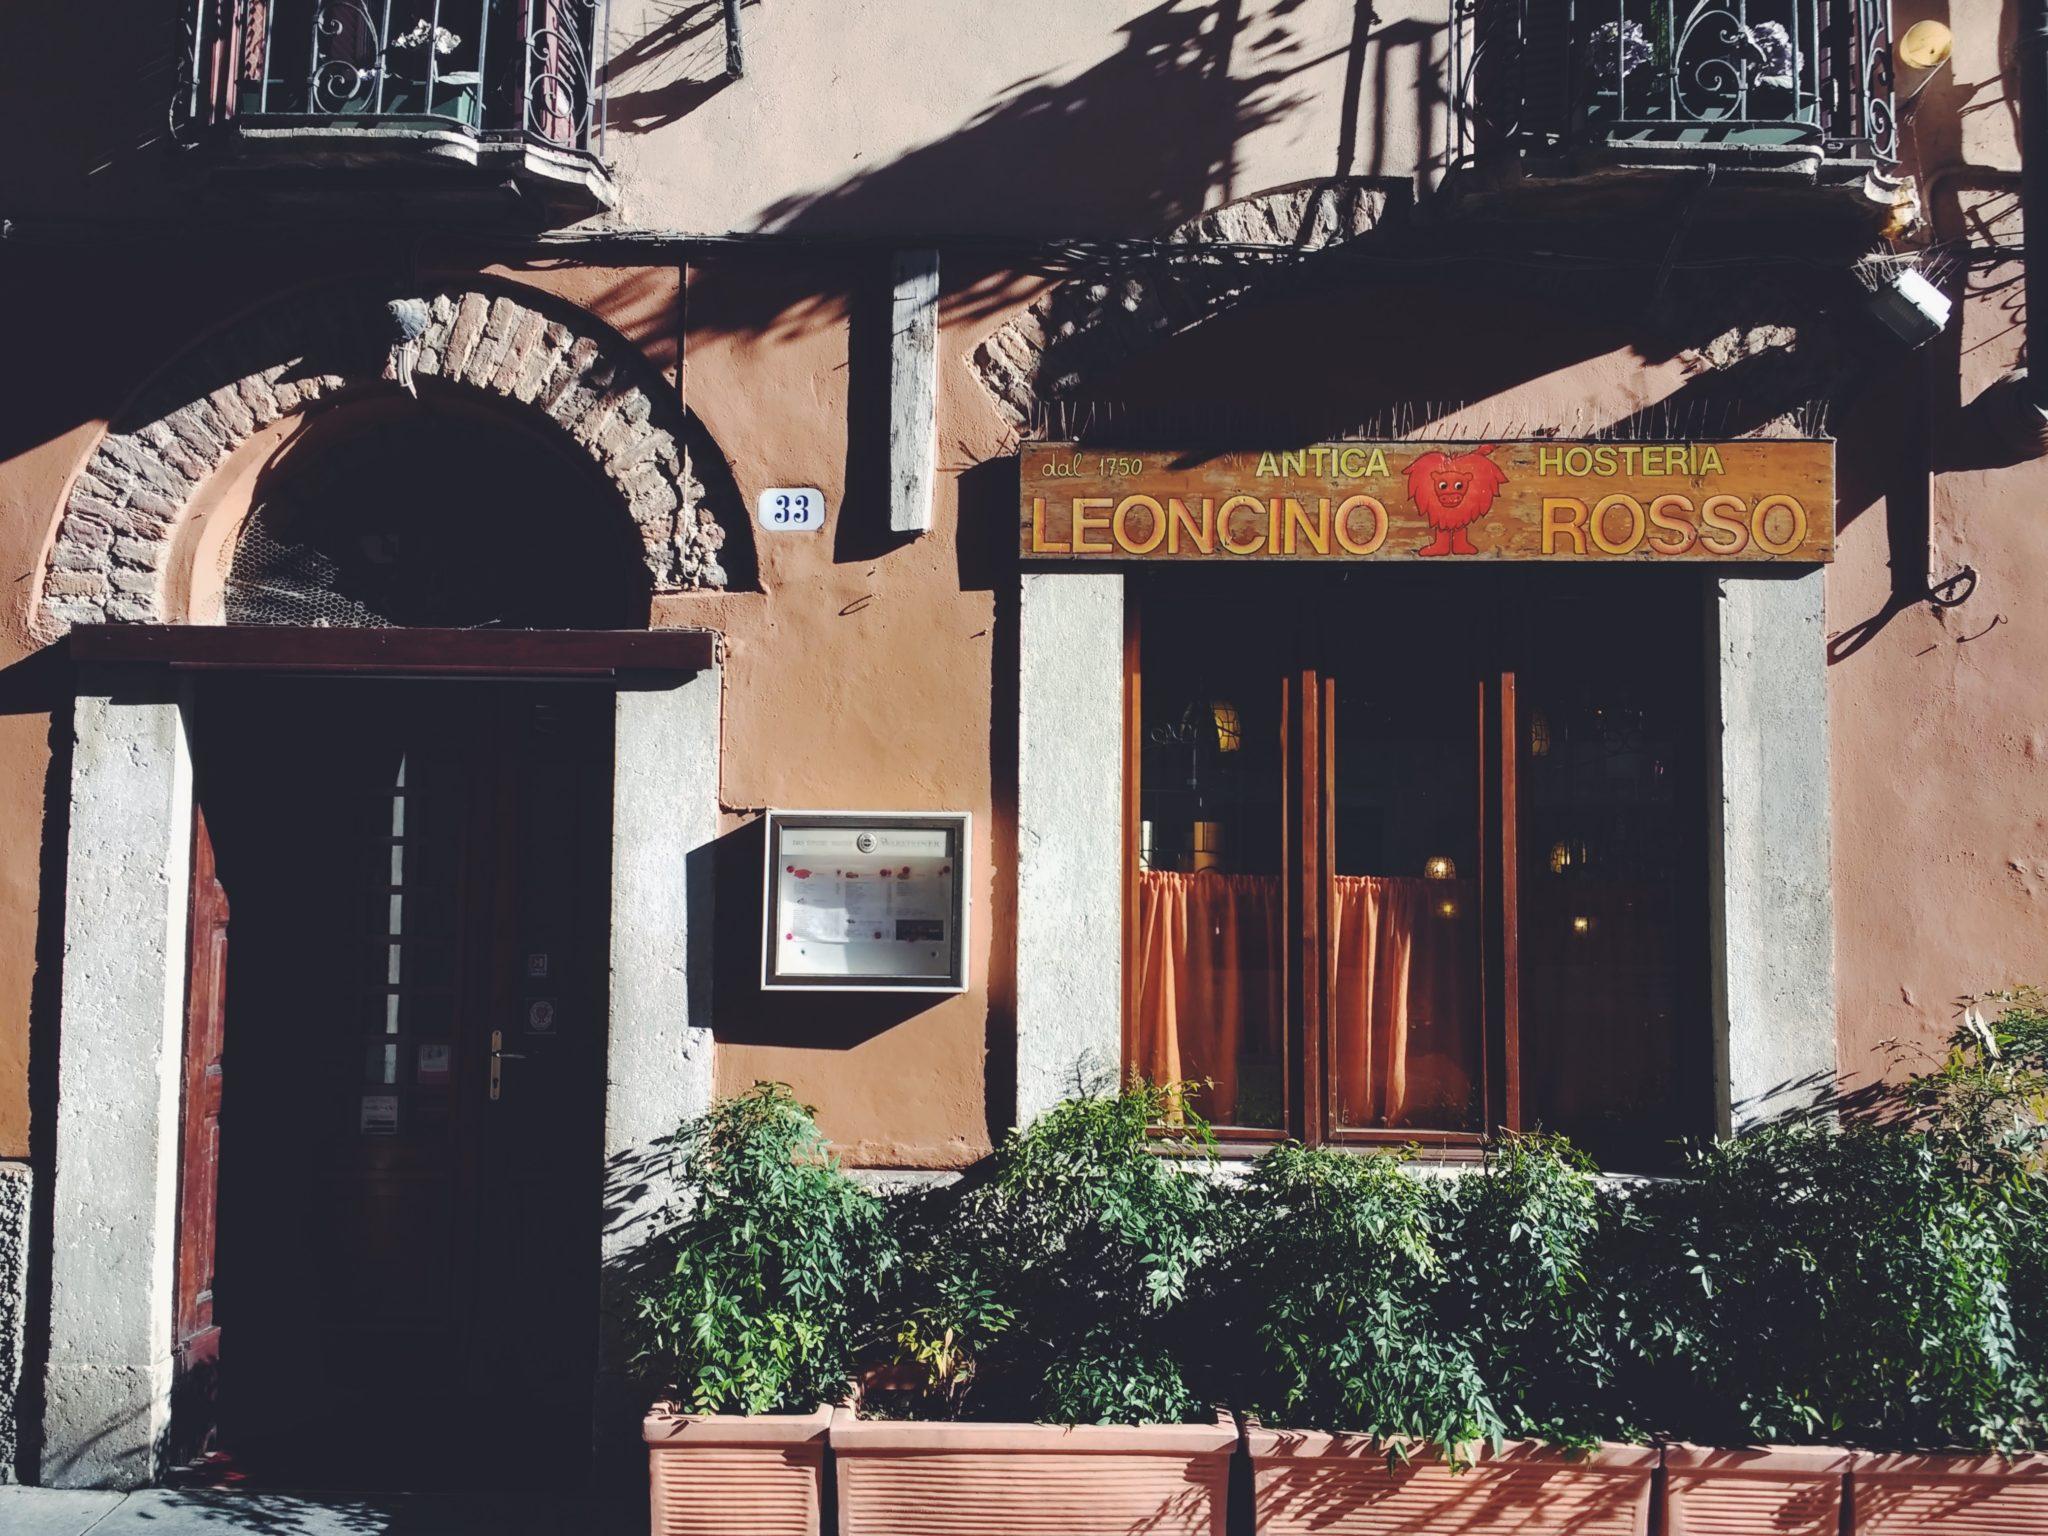 Il Leoncino Rosso e Lacucina: un'osteria dei primi dellOttocento, tutt'ora aperta, e un'osteria che ha inaugurato nel 2011. Prendete posto con noi